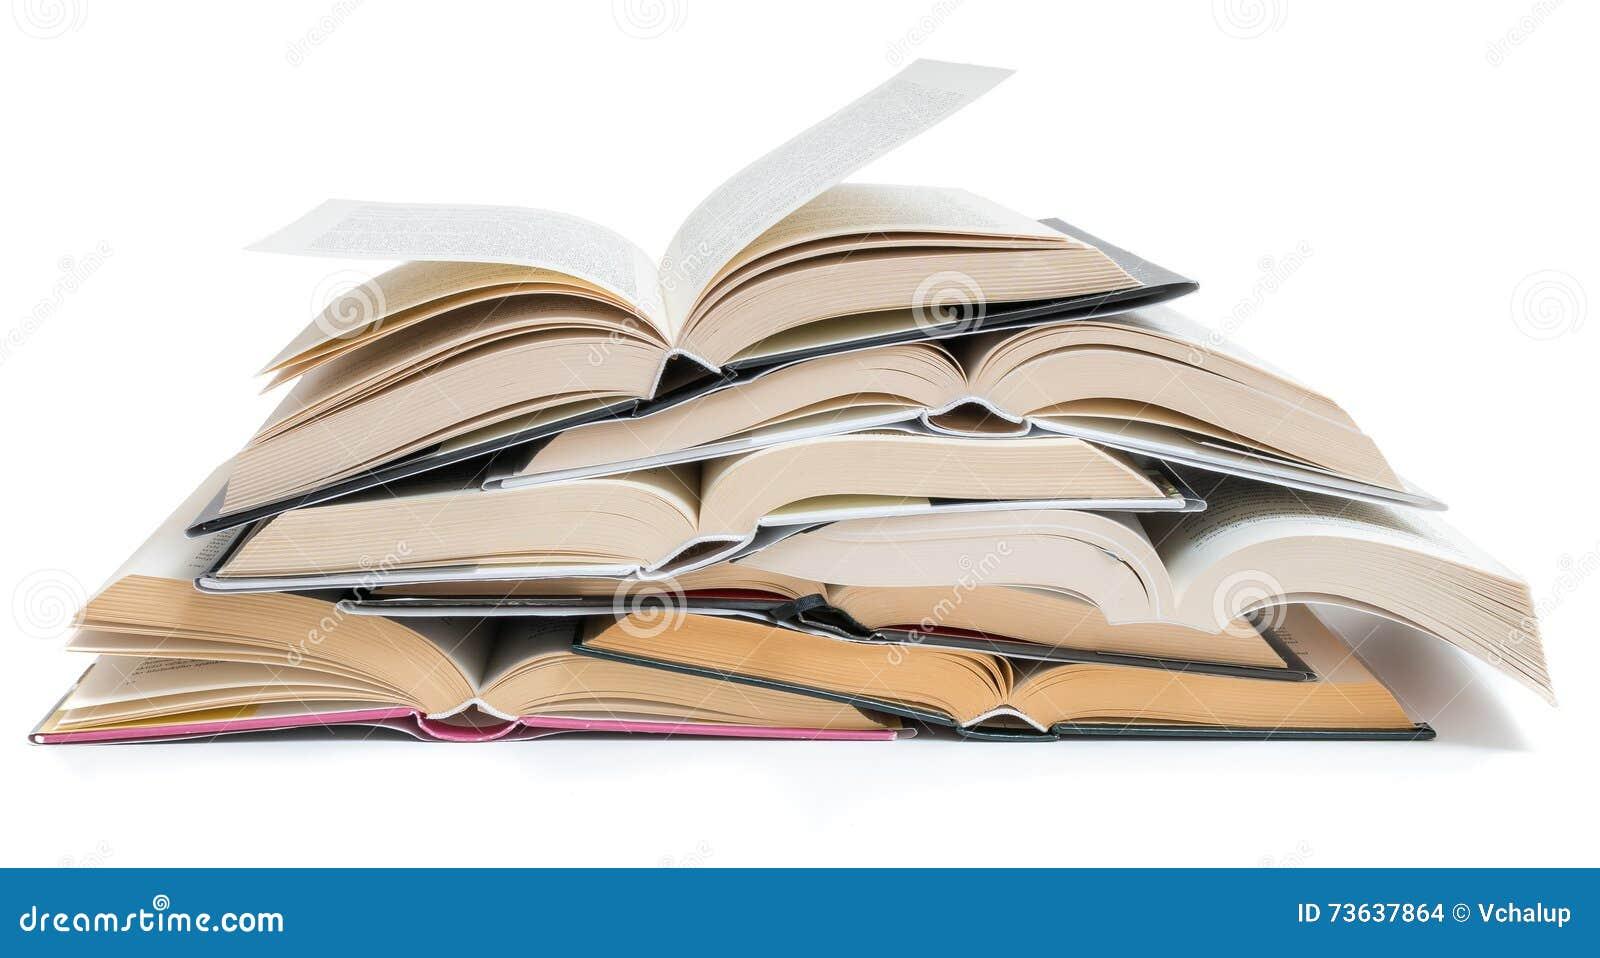 Molti aperti hanno impilato i libri isolati su fondo bianco